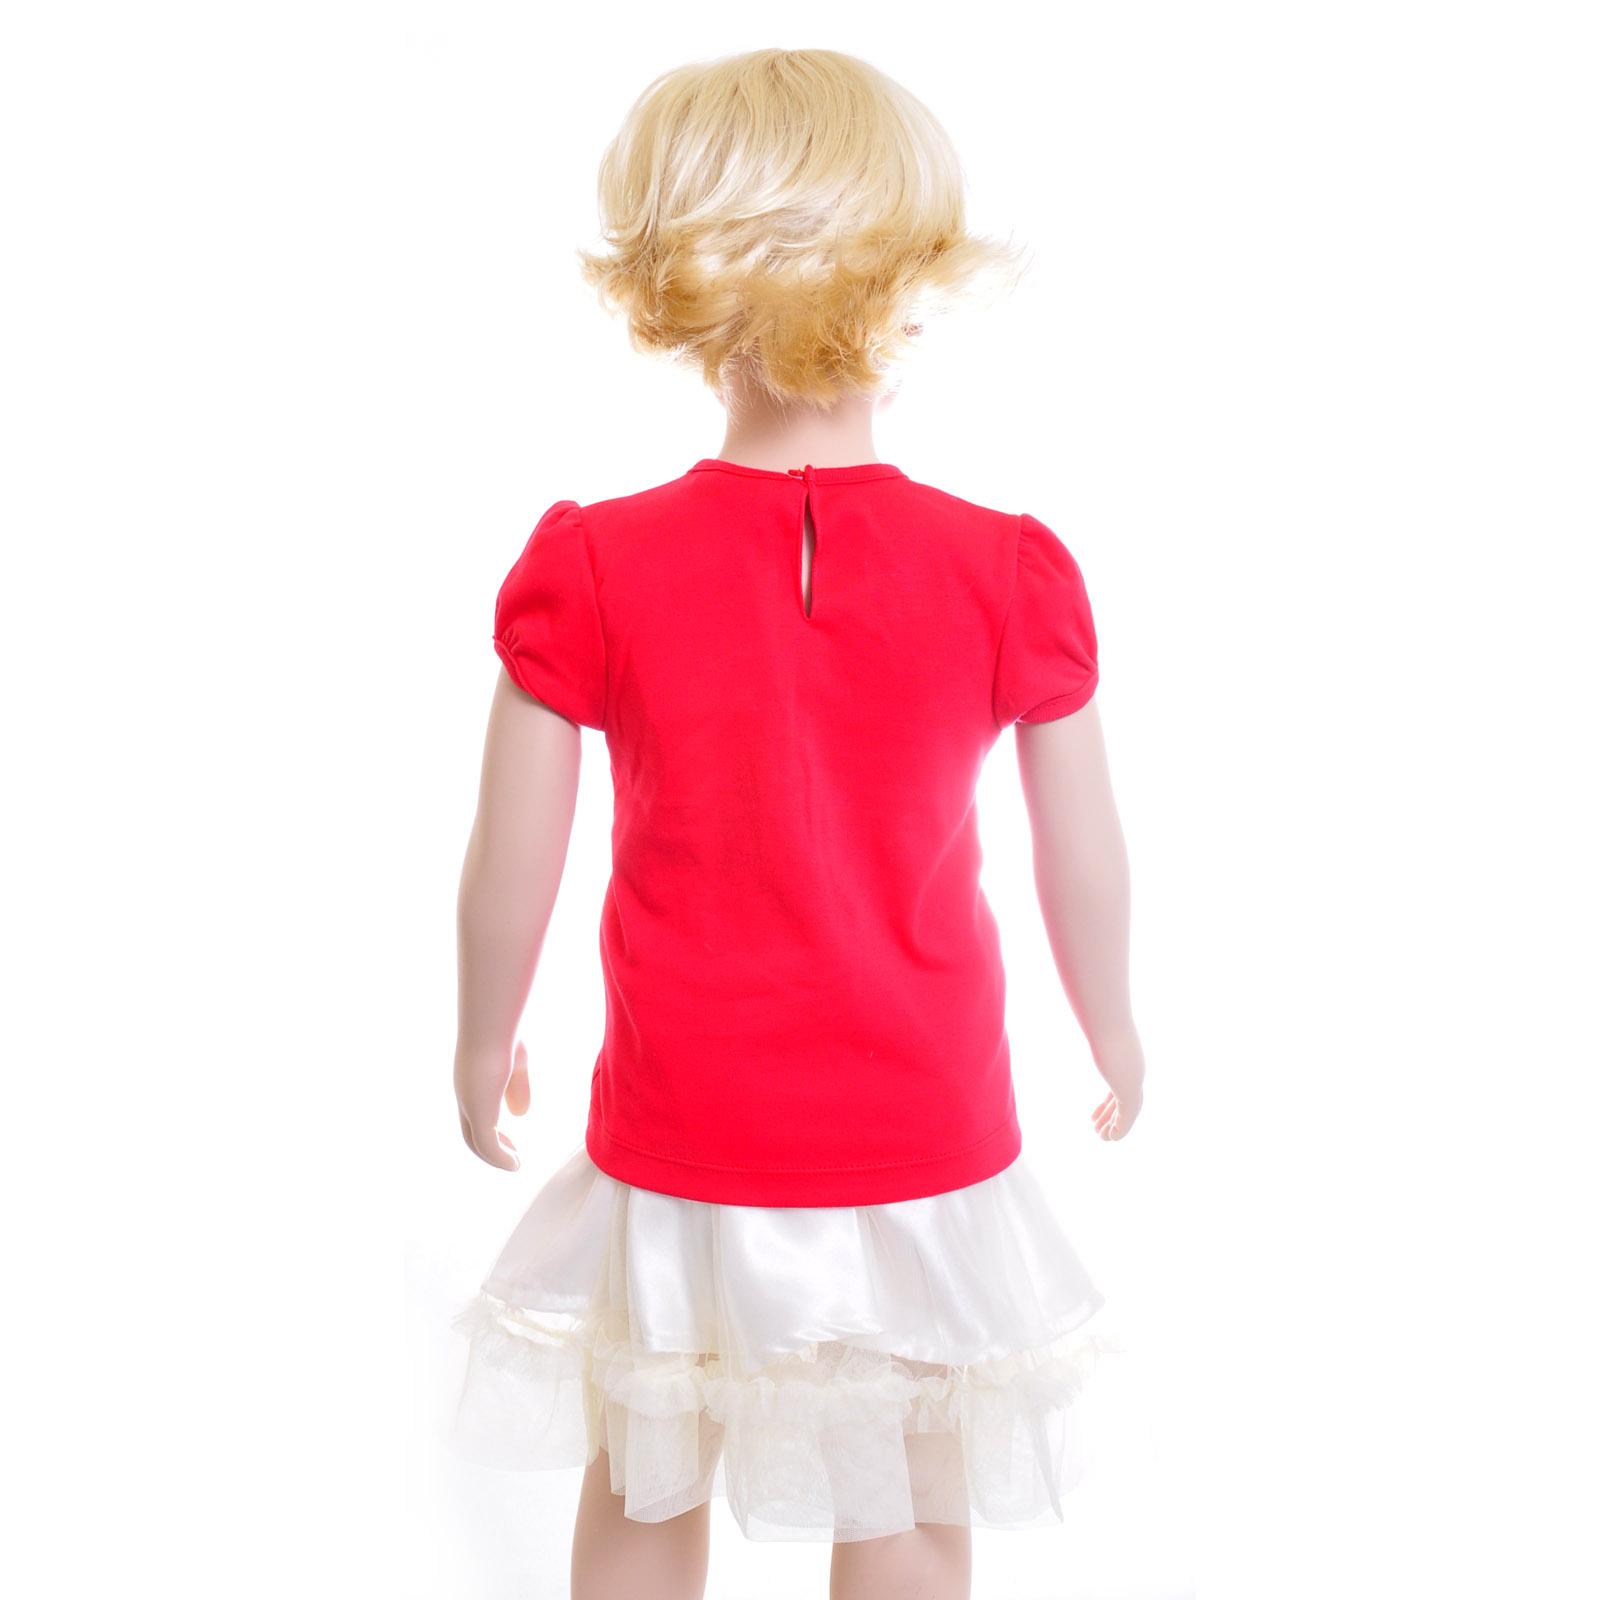 Комплект Дисней Минни футболка с коротким рукавом, светлая юбка, для девочки, красный 18 мес. (Disney (одежда))